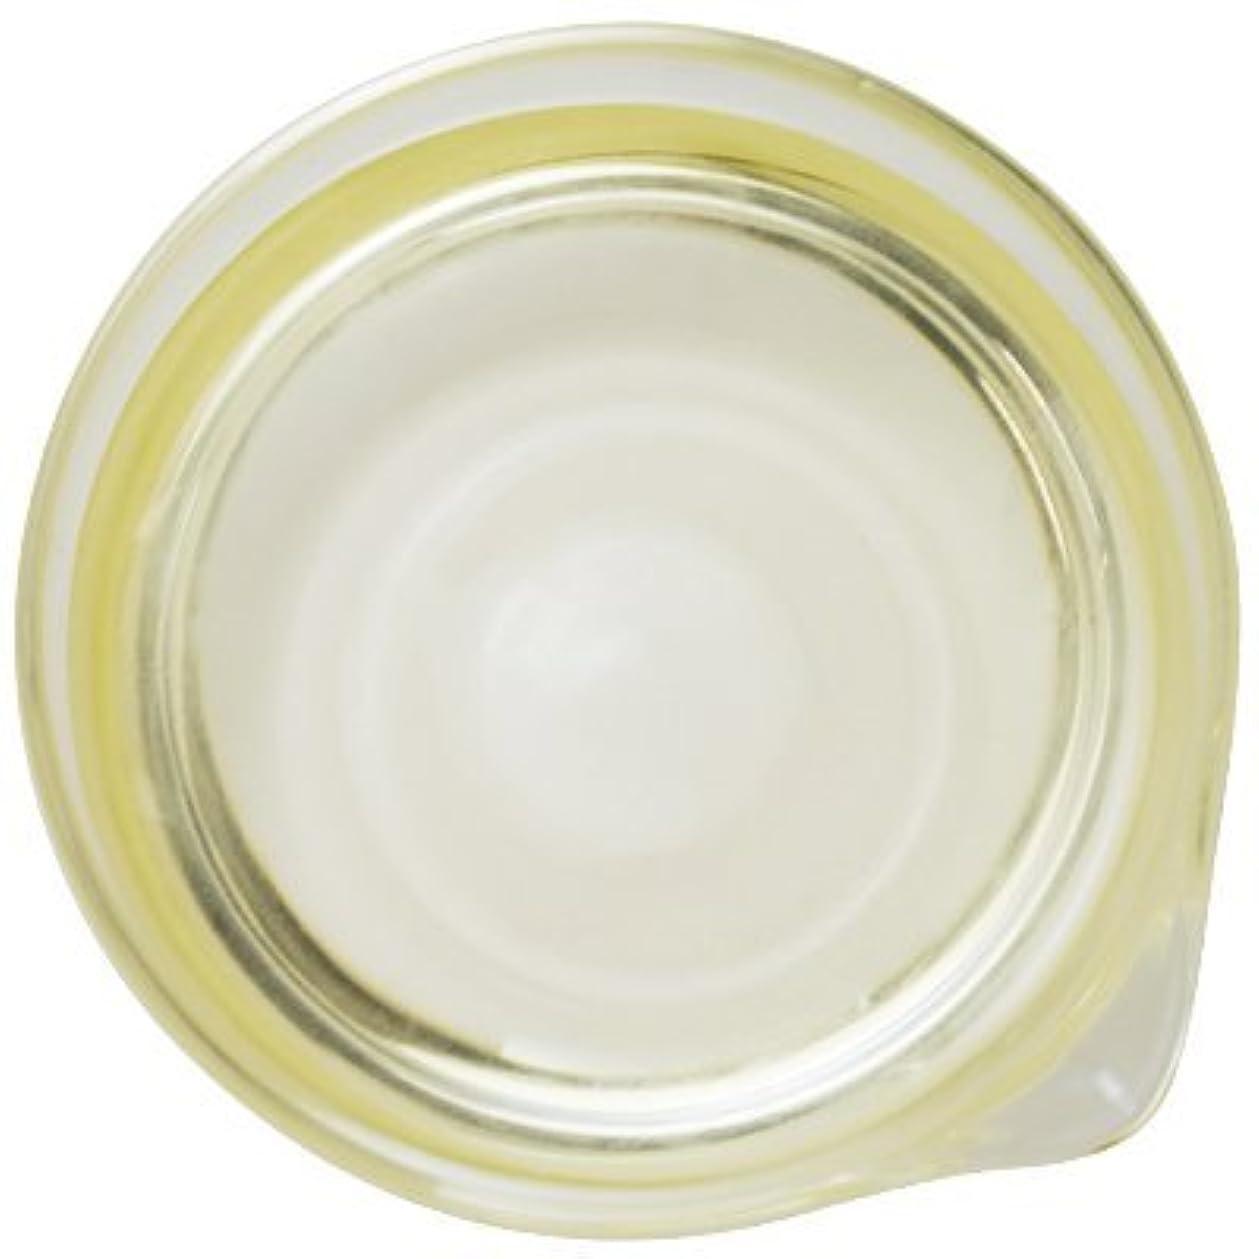 ヒステリック機知に富んだ小道具セサミオイル 1L [白ごま油]【手作り石鹸/手作りコスメ/ごま油】【birth】